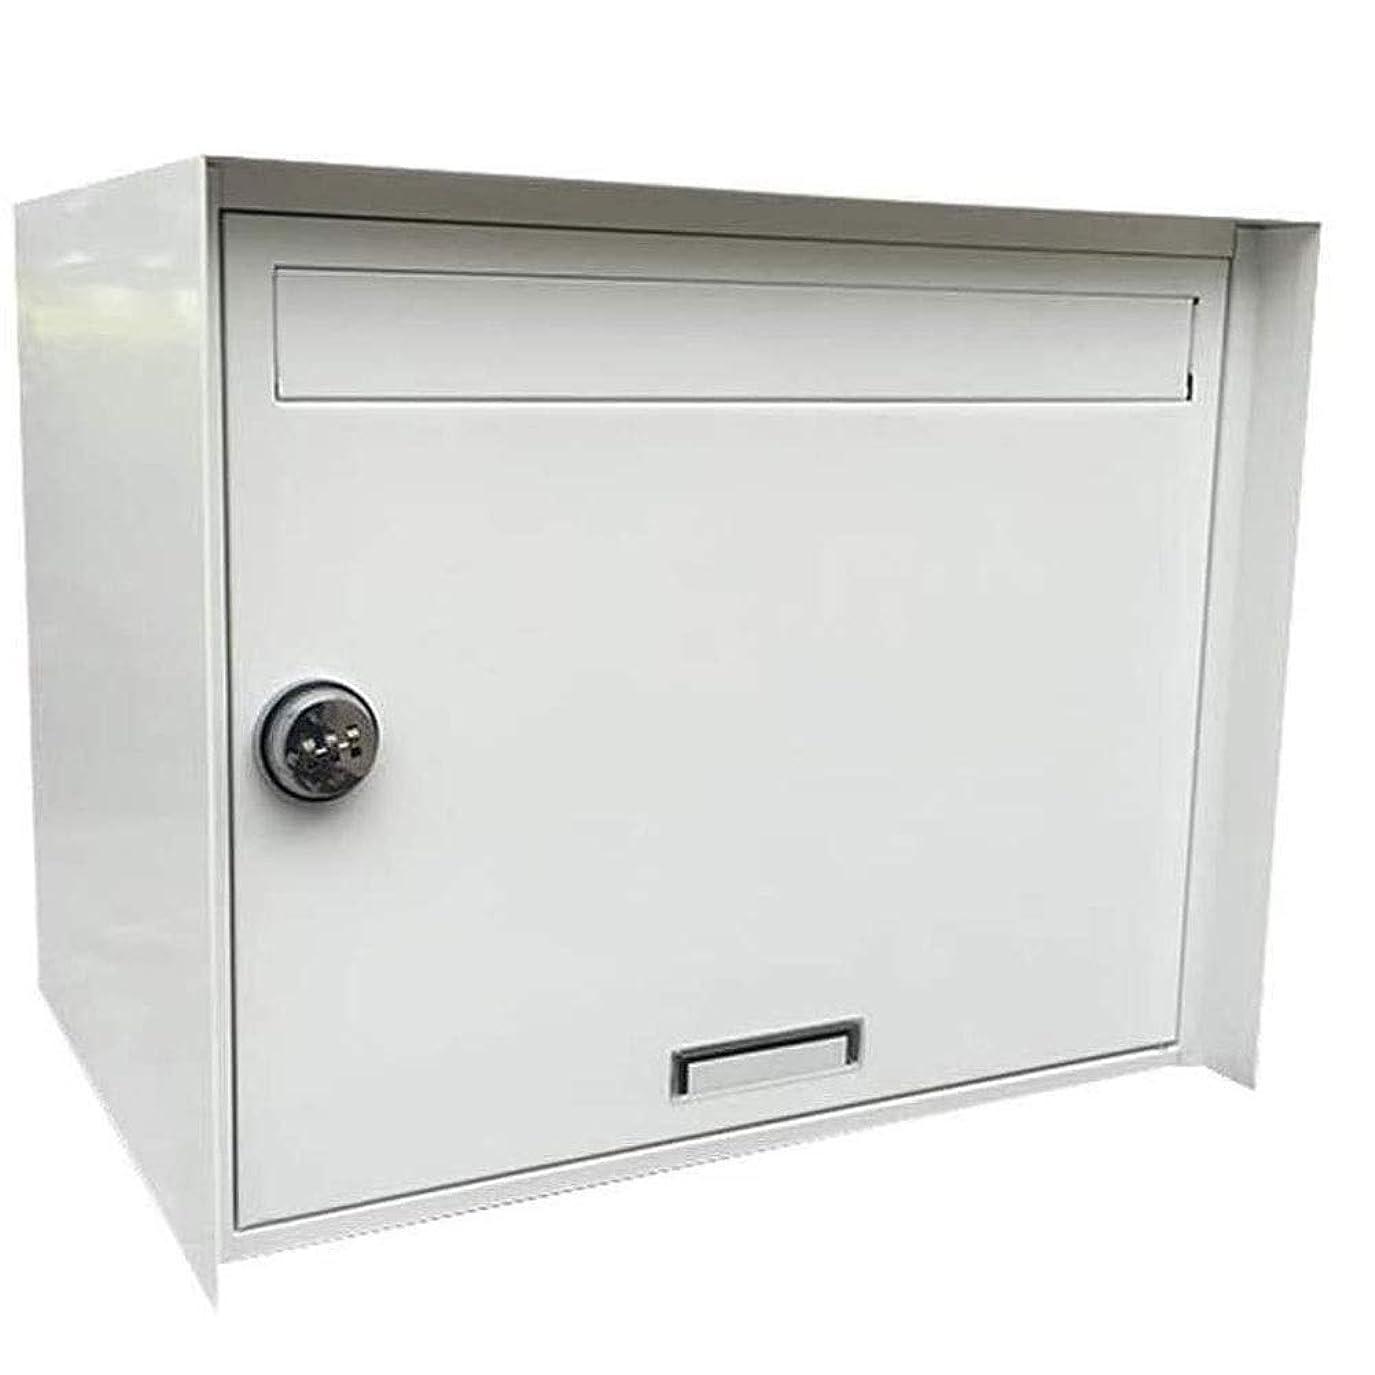 細菌特徴硬さメールボックス メールボックス ポスト ステンレス鋼の多機能パスワードの受信トレイ防水?防塵メールボックスの苦情ボックス